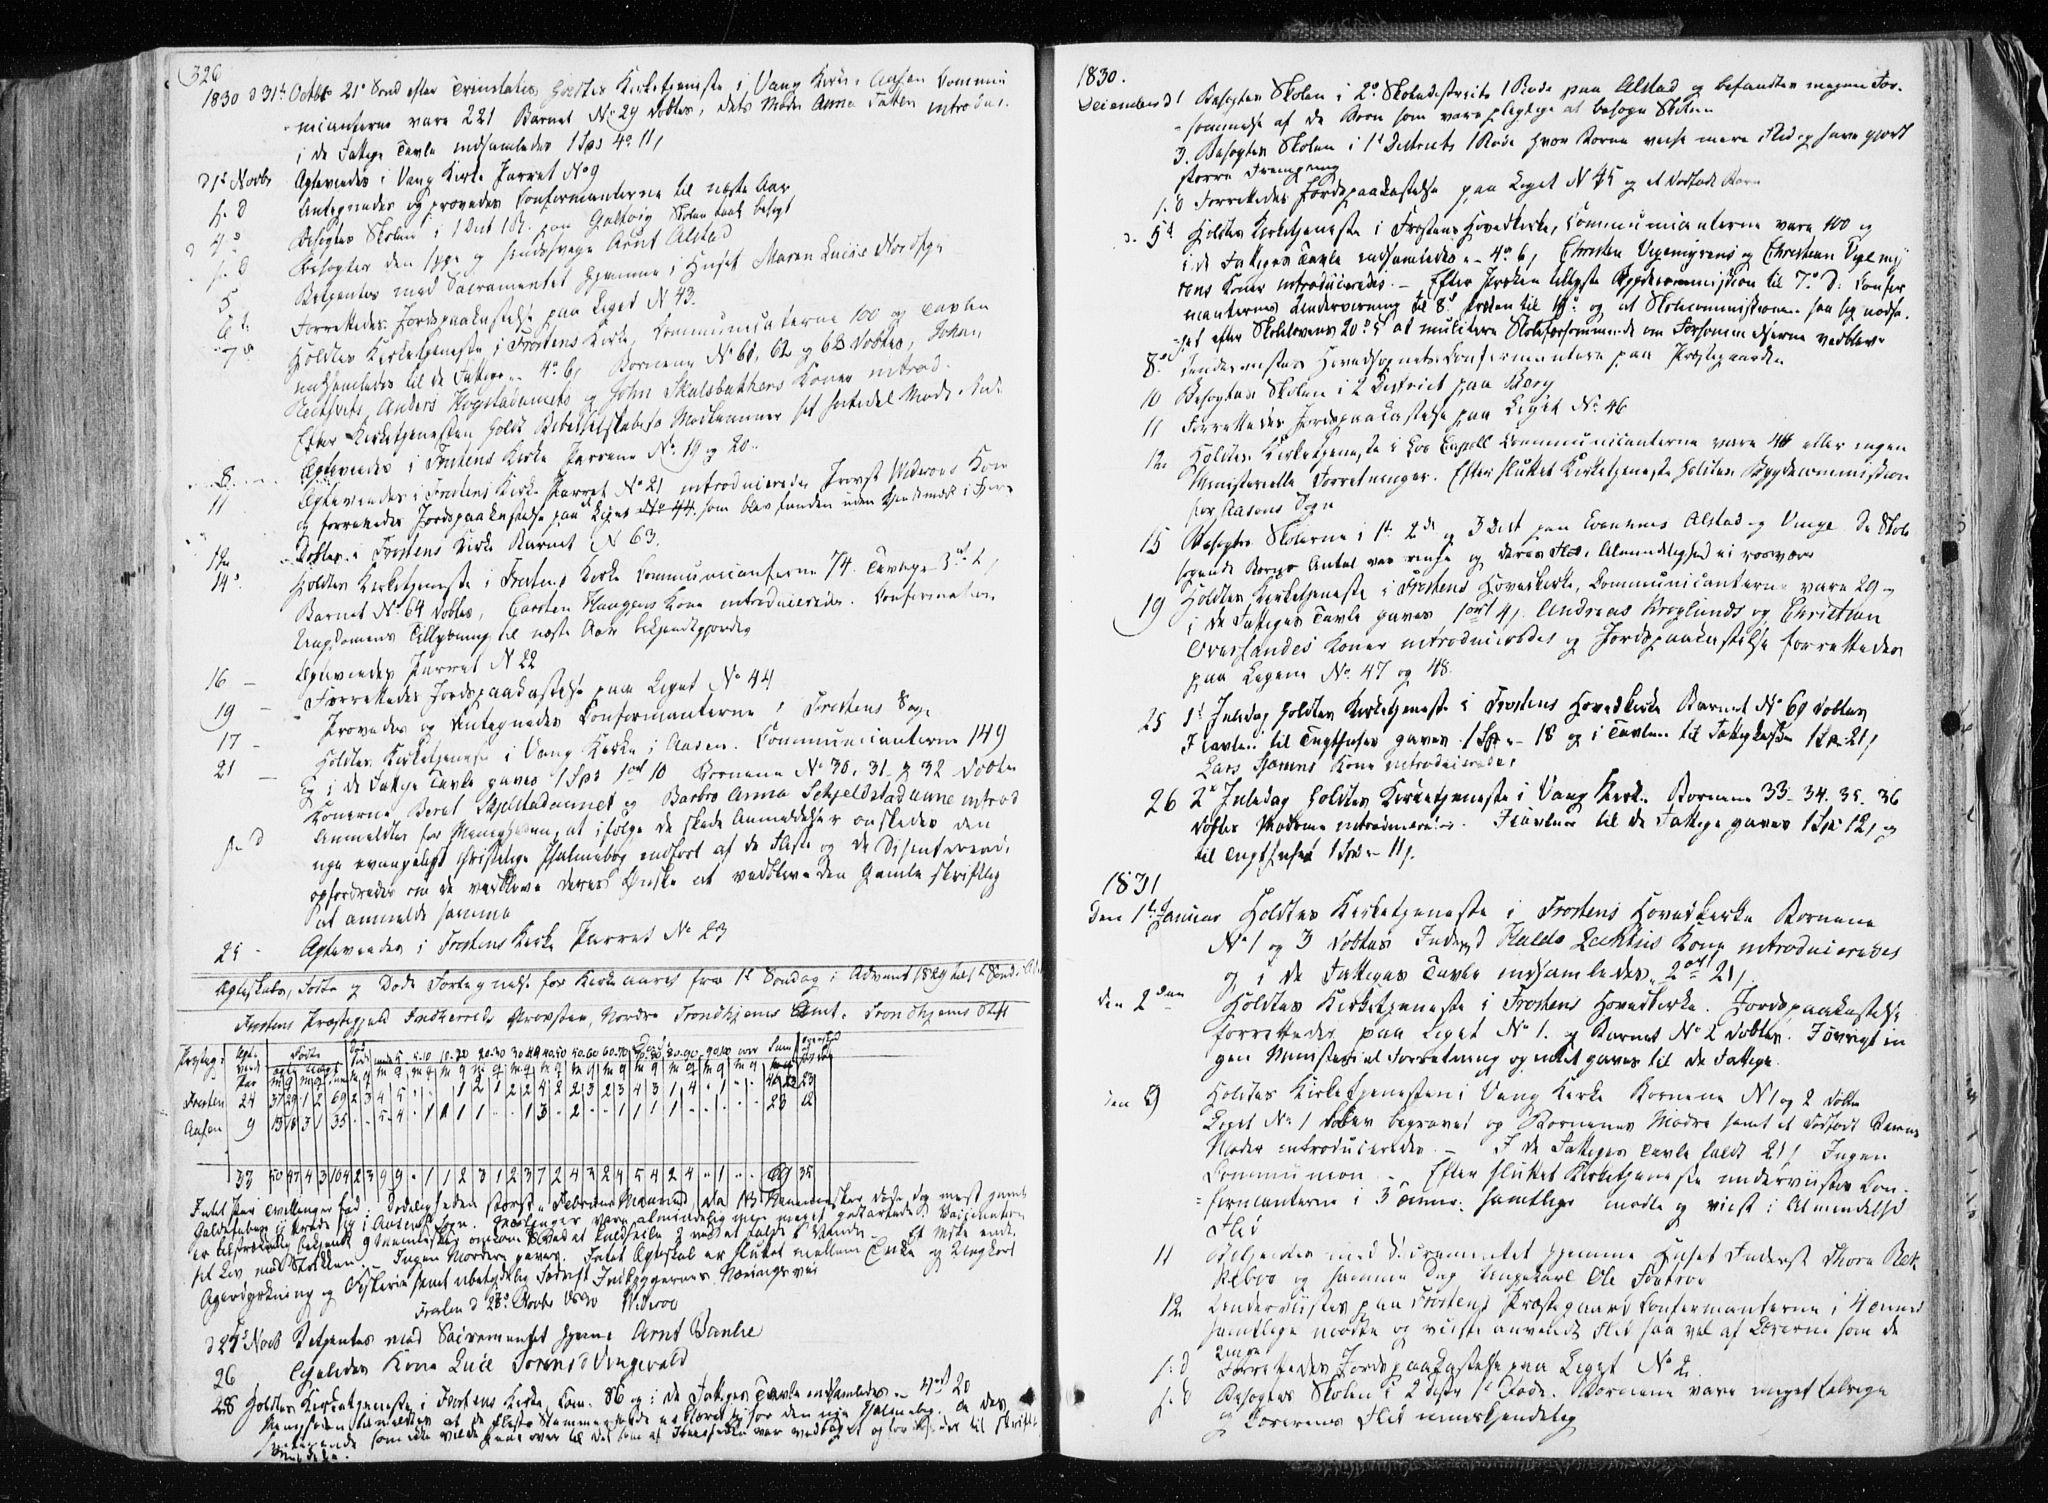 SAT, Ministerialprotokoller, klokkerbøker og fødselsregistre - Nord-Trøndelag, 713/L0114: Ministerialbok nr. 713A05, 1827-1839, s. 326